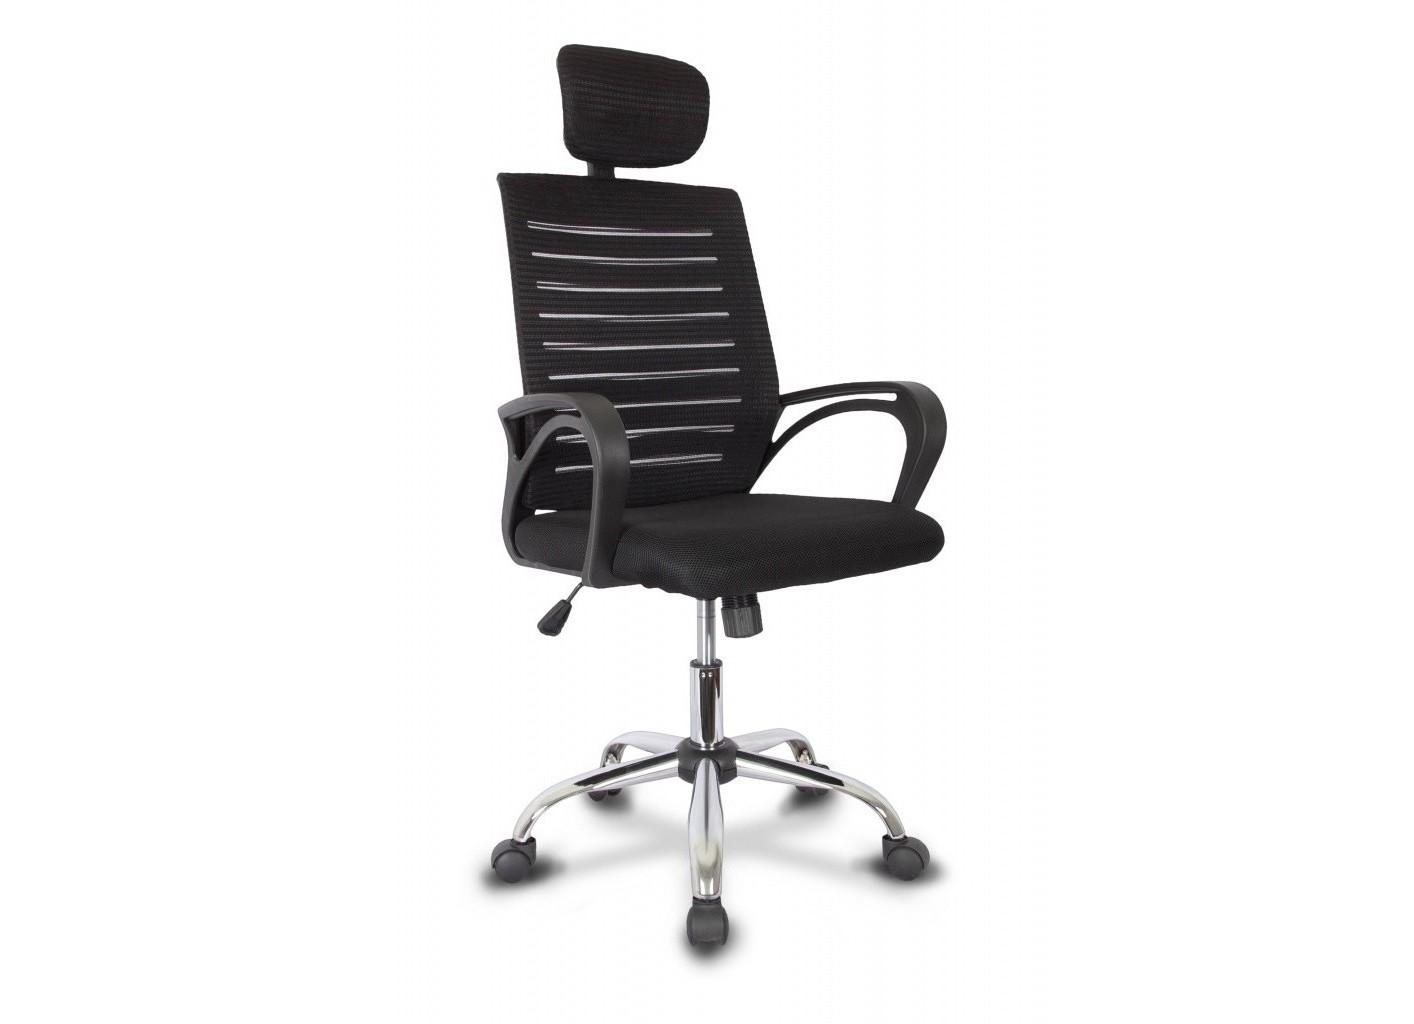 Кресло CollegeРабочие кресла<br>&amp;lt;div&amp;gt;Кресло оператора современного дизайна&amp;lt;/div&amp;gt;&amp;lt;div&amp;gt;&amp;lt;br&amp;gt;&amp;lt;/div&amp;gt;&amp;lt;div&amp;gt;Конструкция:&amp;lt;/div&amp;gt;&amp;lt;div&amp;gt;Механизм качания с регулировкой под вес и фиксацией в вертикальном положении Регулируемый подголовник&amp;lt;/div&amp;gt;&amp;lt;div&amp;gt;Регулировка высоты (газлифт)&amp;amp;nbsp;&amp;lt;/div&amp;gt;&amp;lt;div&amp;gt;Крестовина &amp;amp;nbsp;металлическая &amp;amp;nbsp;хромированная&amp;lt;/div&amp;gt;&amp;lt;div&amp;gt;Подлокотники &amp;amp;nbsp;выполнены из ударопрочного экологически чистого пластика&amp;lt;/div&amp;gt;&amp;lt;div&amp;gt;Материал обивки: износоустойчивый акрил и полиэстер&amp;lt;/div&amp;gt;&amp;lt;div&amp;gt;Ограничение по весу: 120 кг&amp;lt;/div&amp;gt;<br><br>Material: Текстиль<br>Width см: 49<br>Depth см: 46<br>Height см: 128